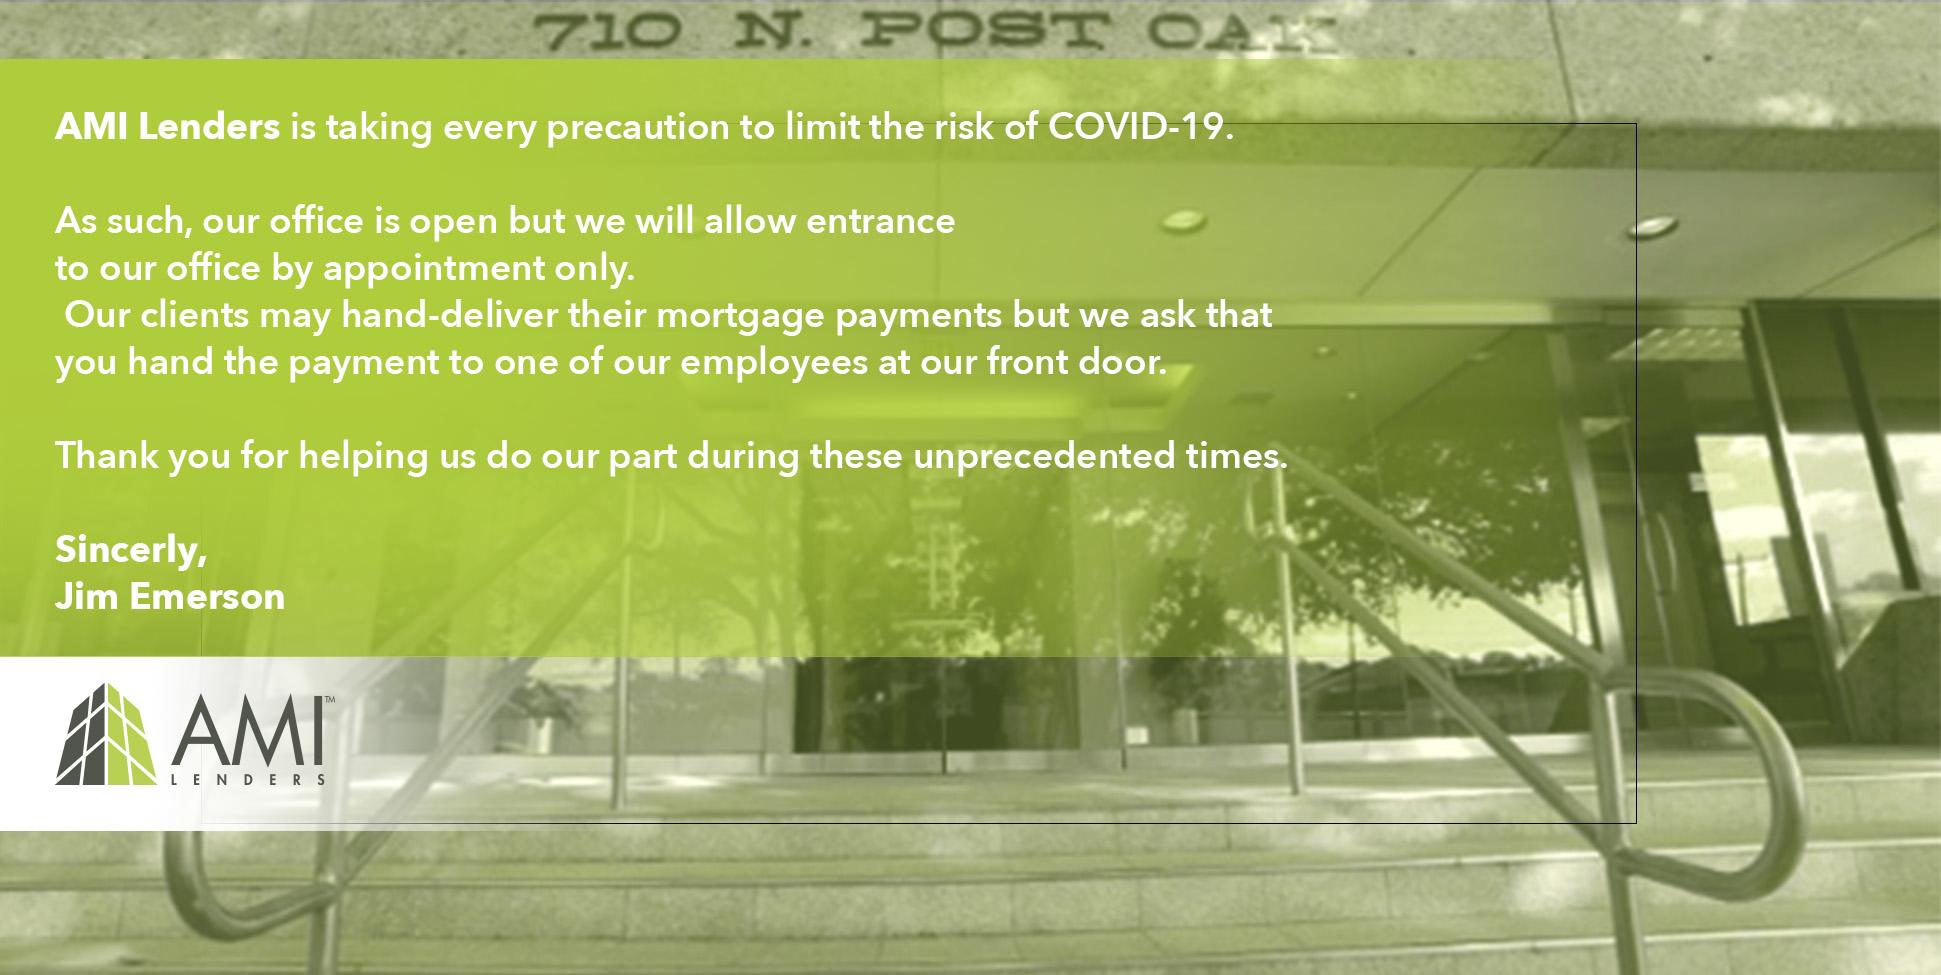 COVID-19_AMI Lenders